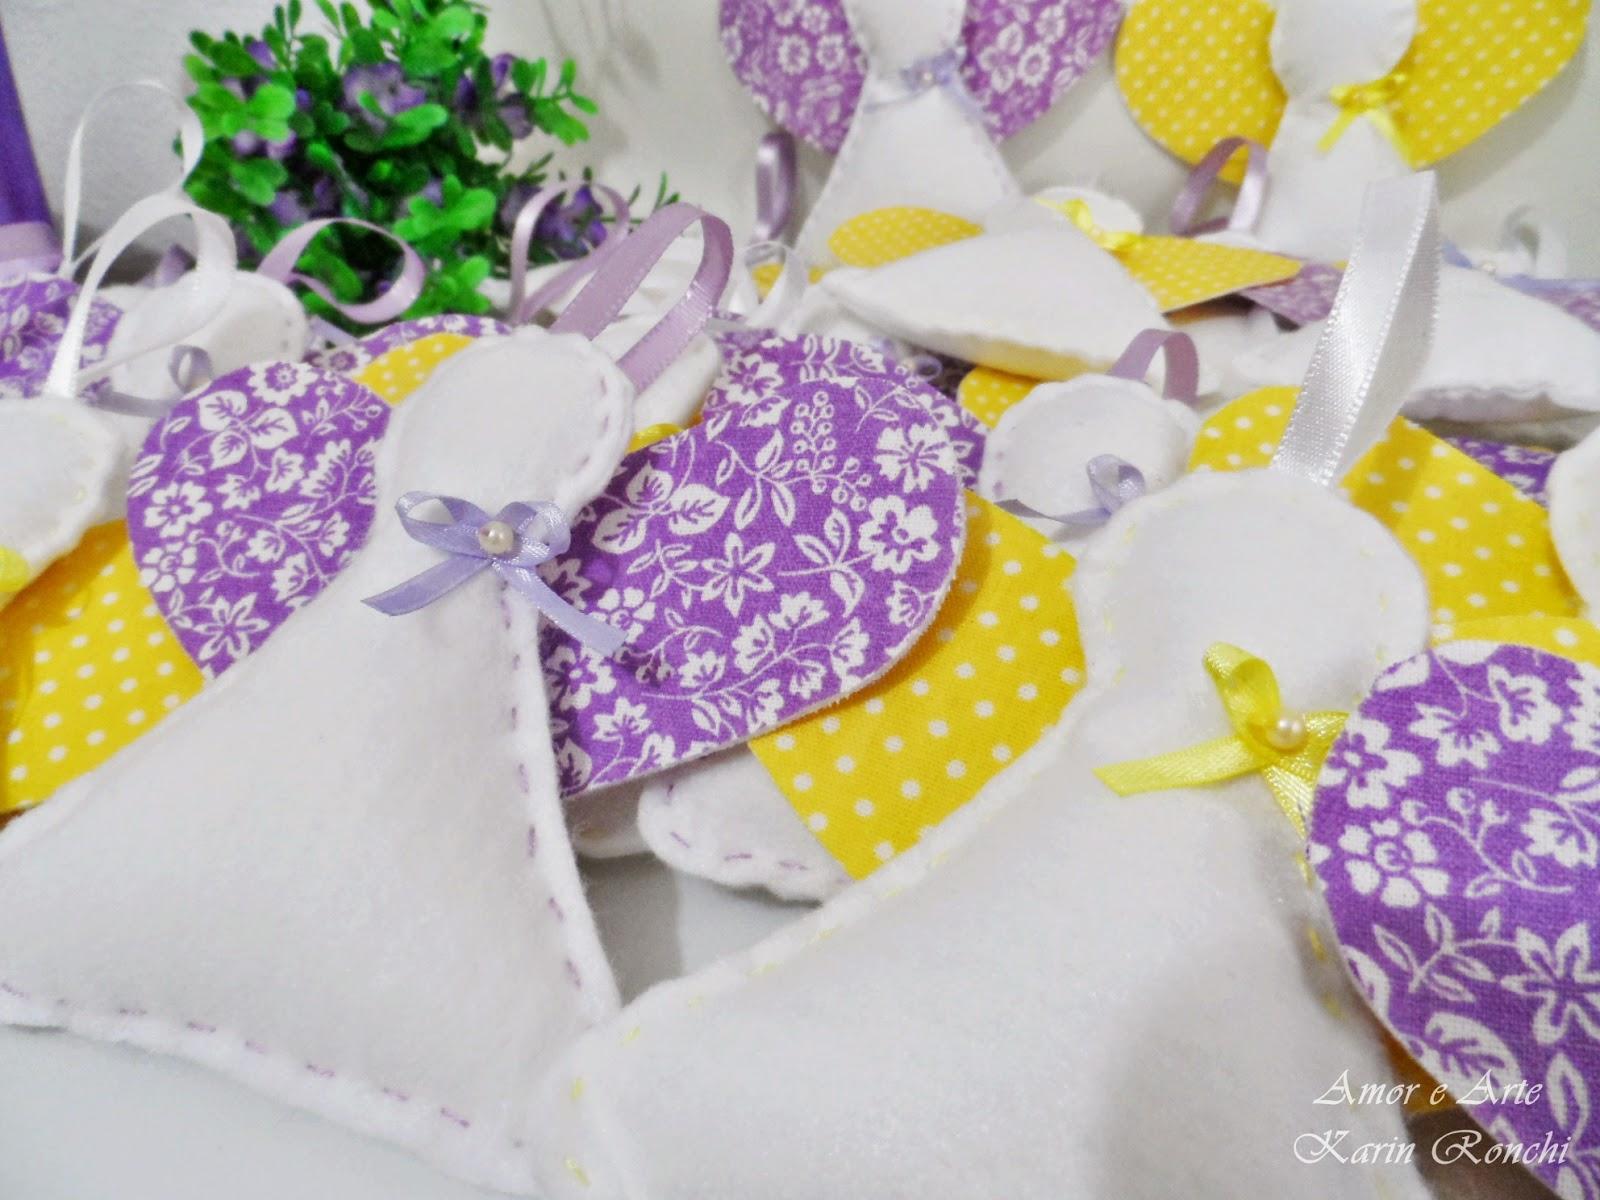 Anjinhos em feltro, lilás e amarelo - perfumados